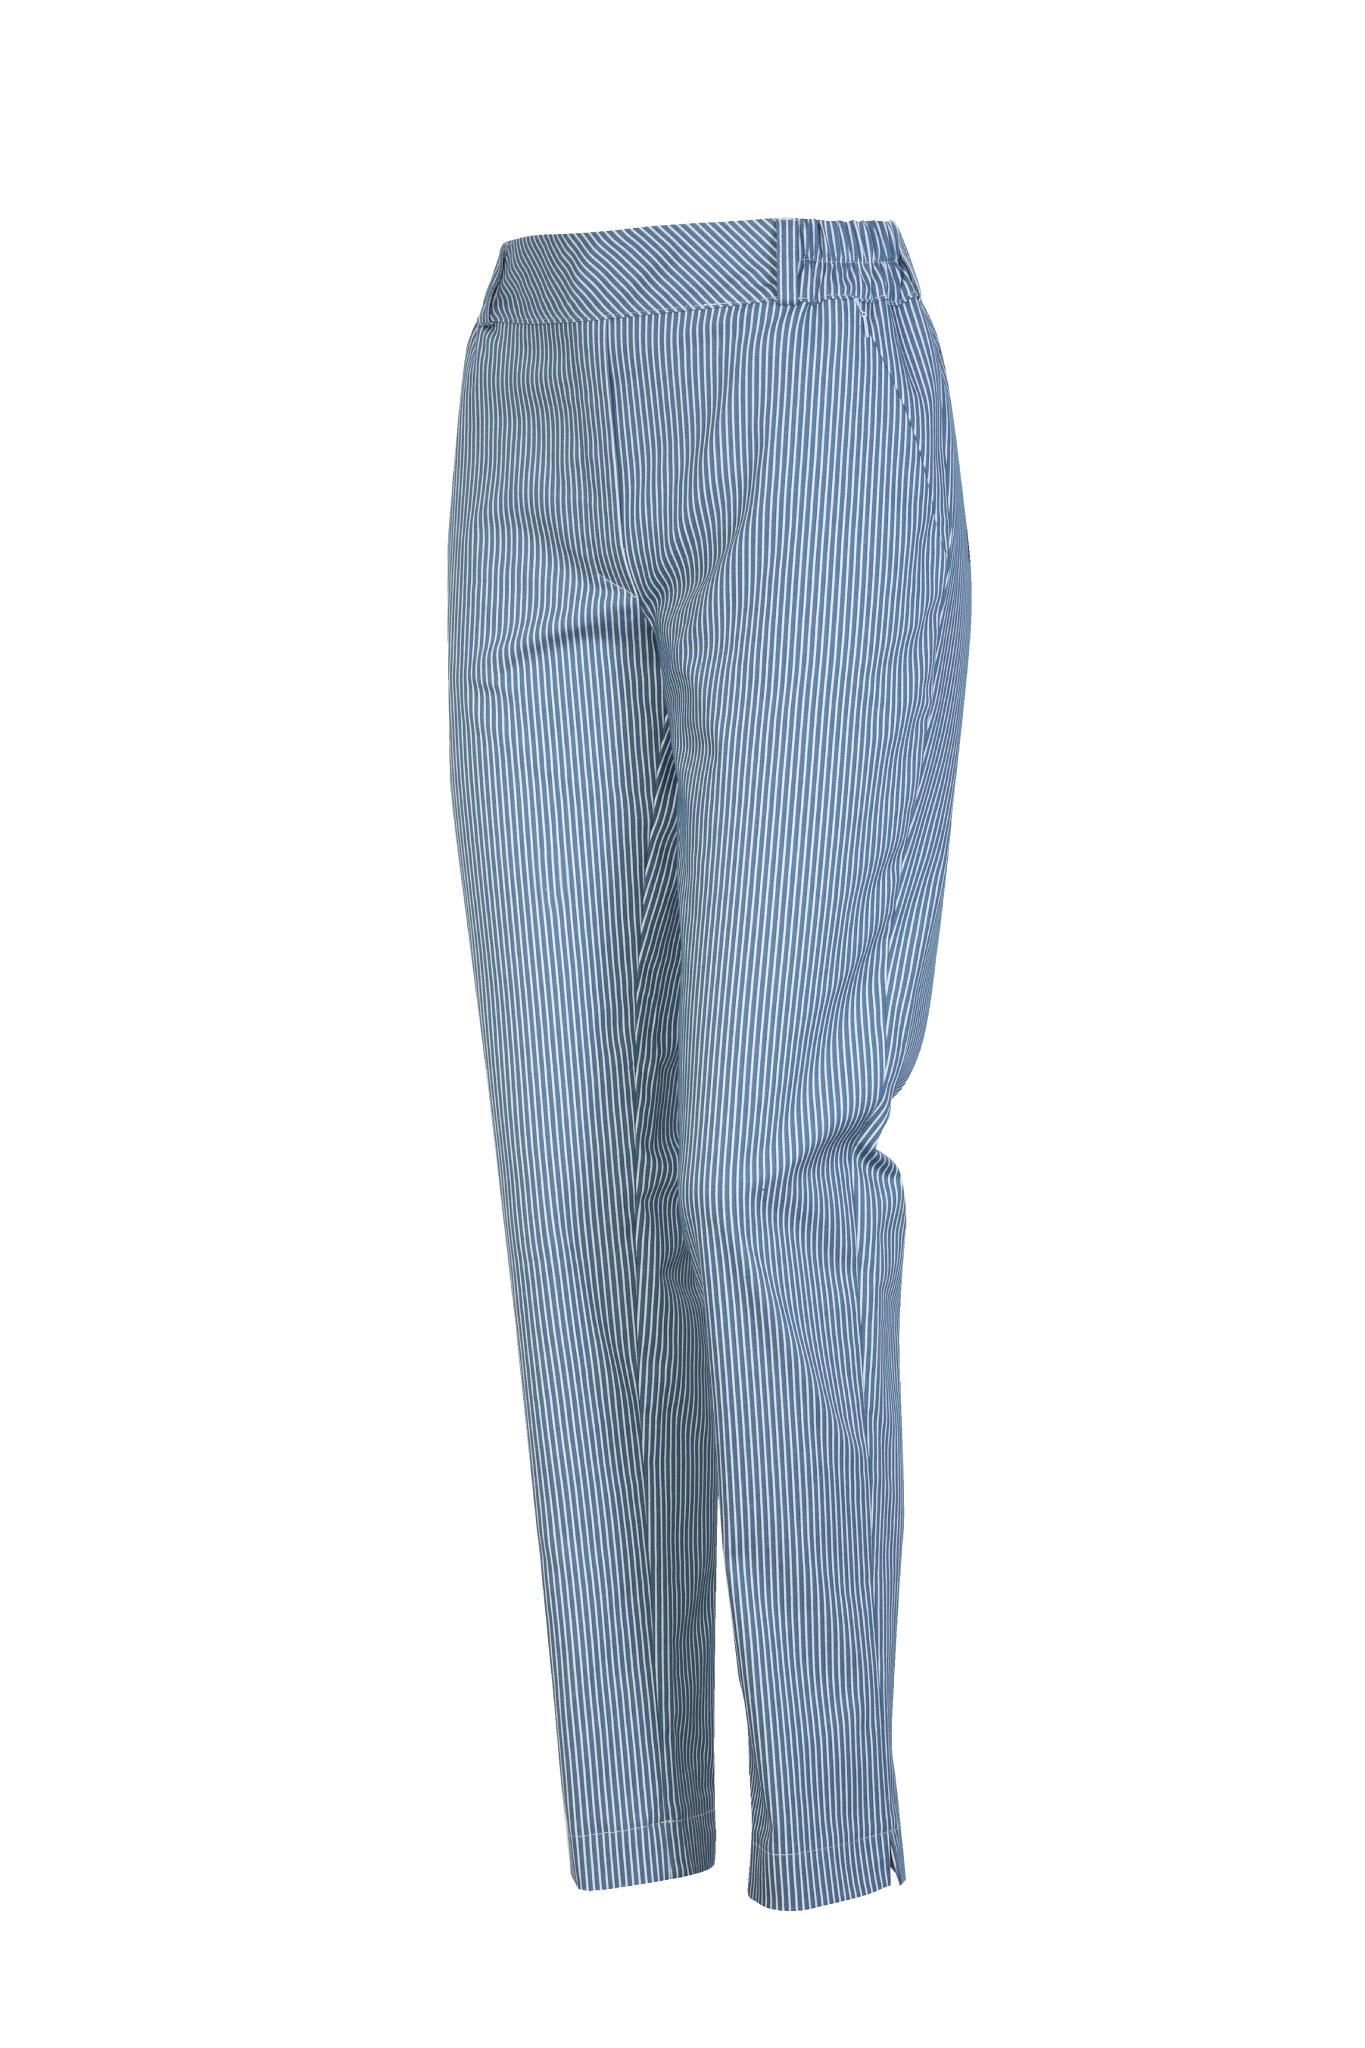 1331 Jumitex spodnie w paski damskie